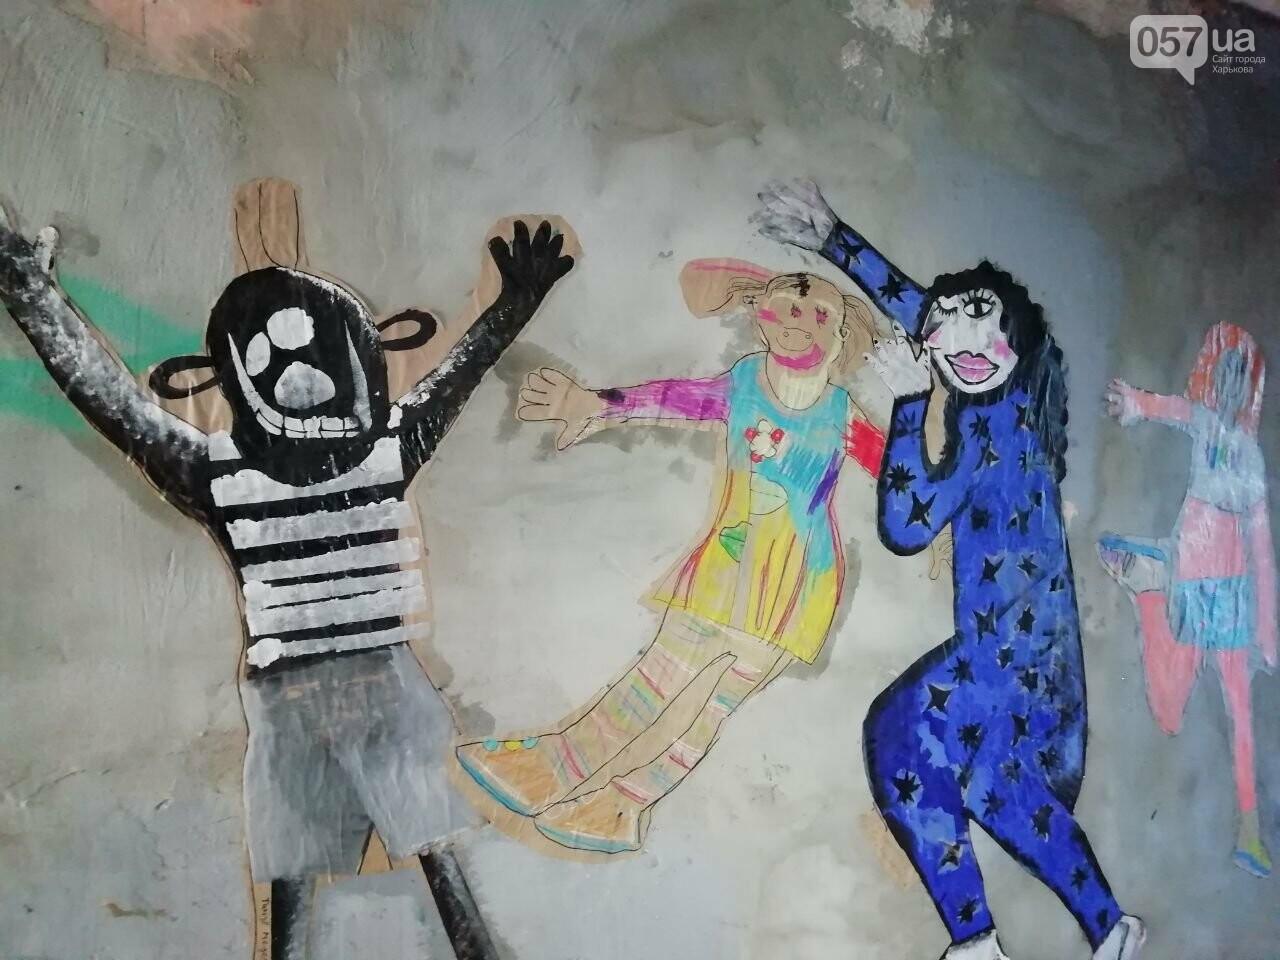 «Город – это мы»: в центре Харькова устроили яркую арт-акцию, - ФОТО, фото-2